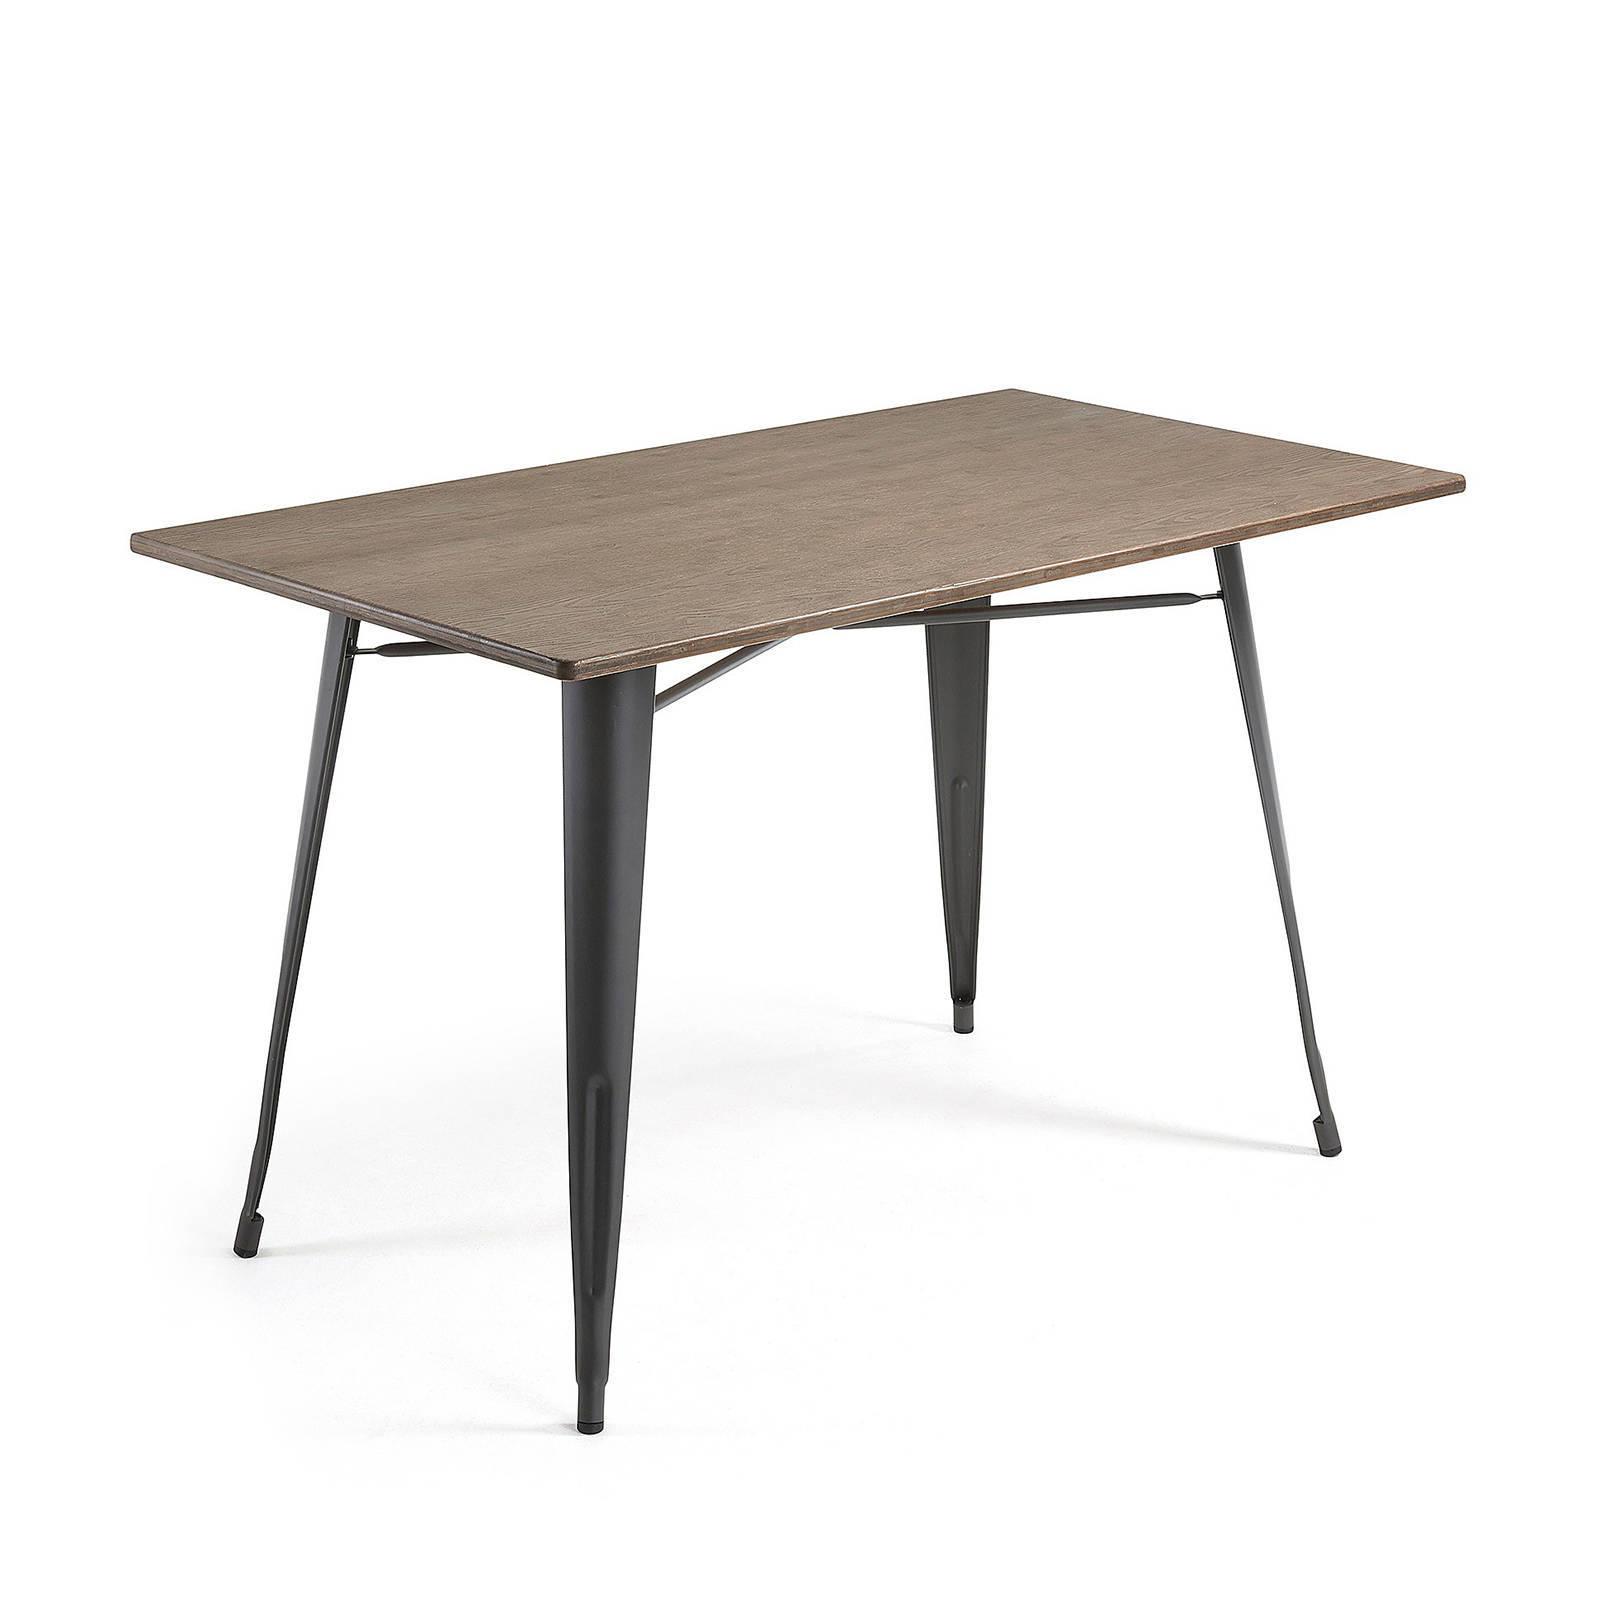 Keukentafel 2 Personen.Kleine Eettafel 2 Personen Carpentras Eettafel